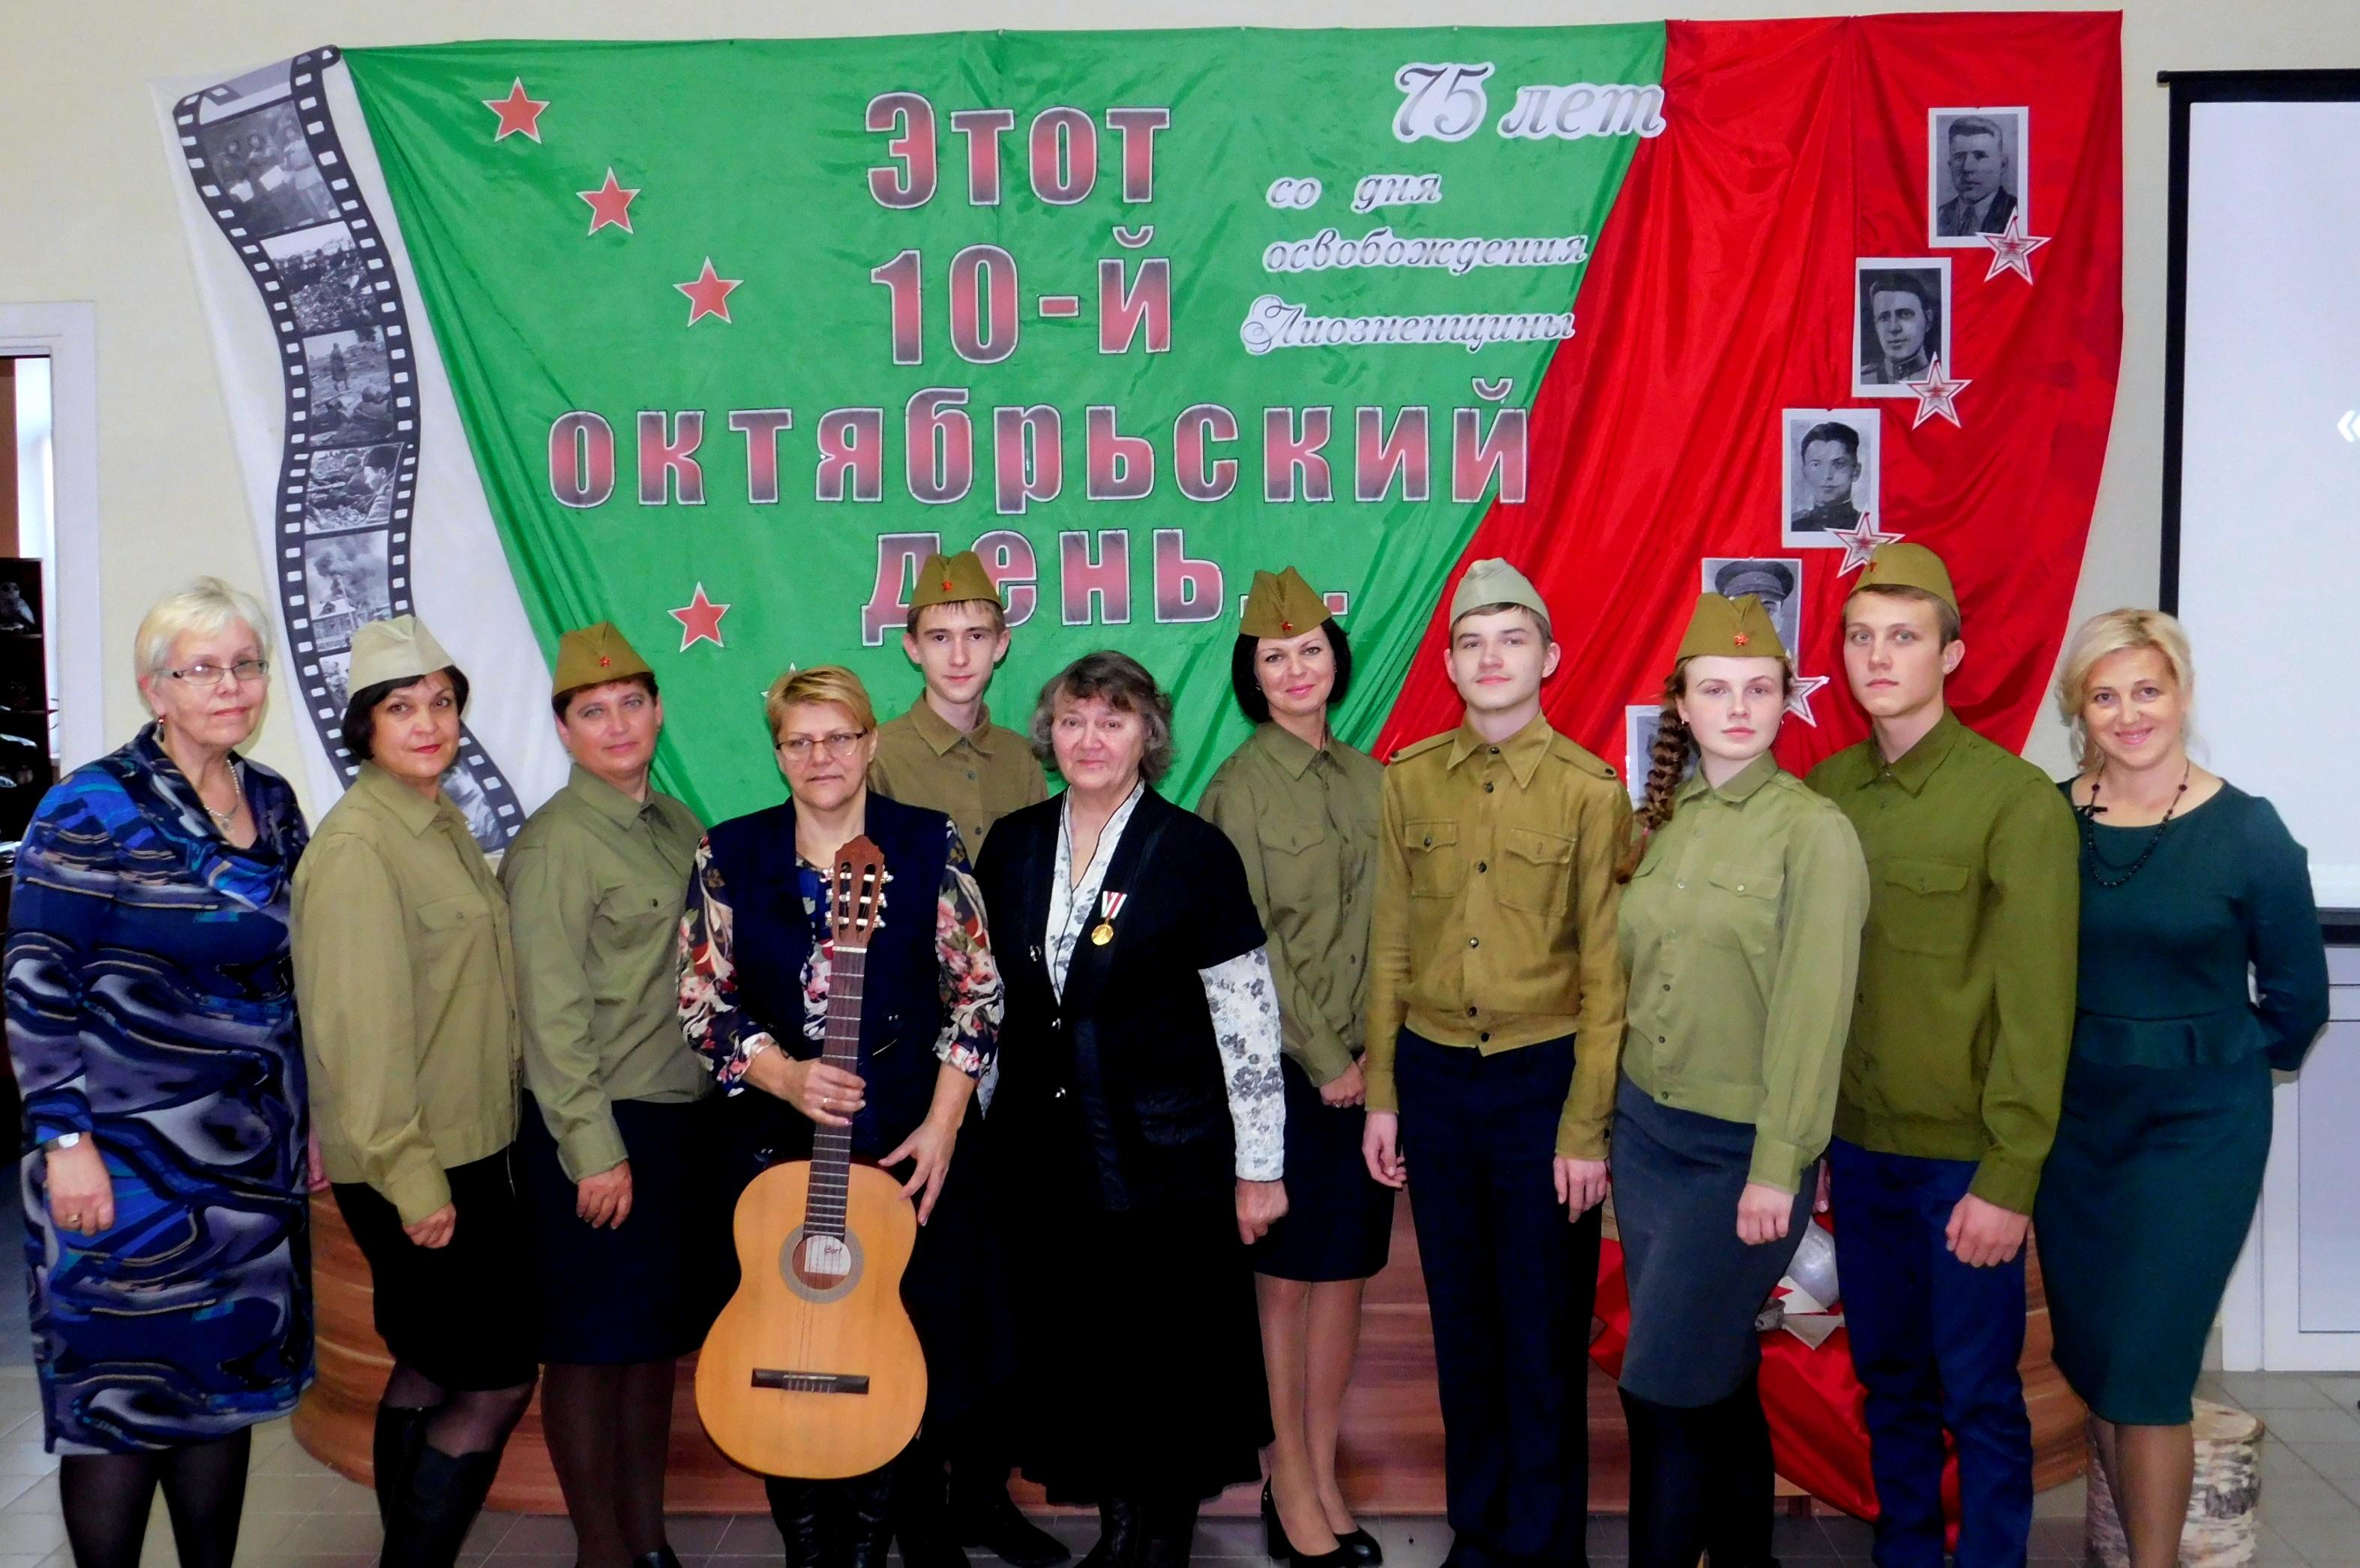 В Лиозненской районной библиотеке состоялось мероприятие в честь 75-летия со дня освобождения Лиозно от немецко-фашистских  захватчиков